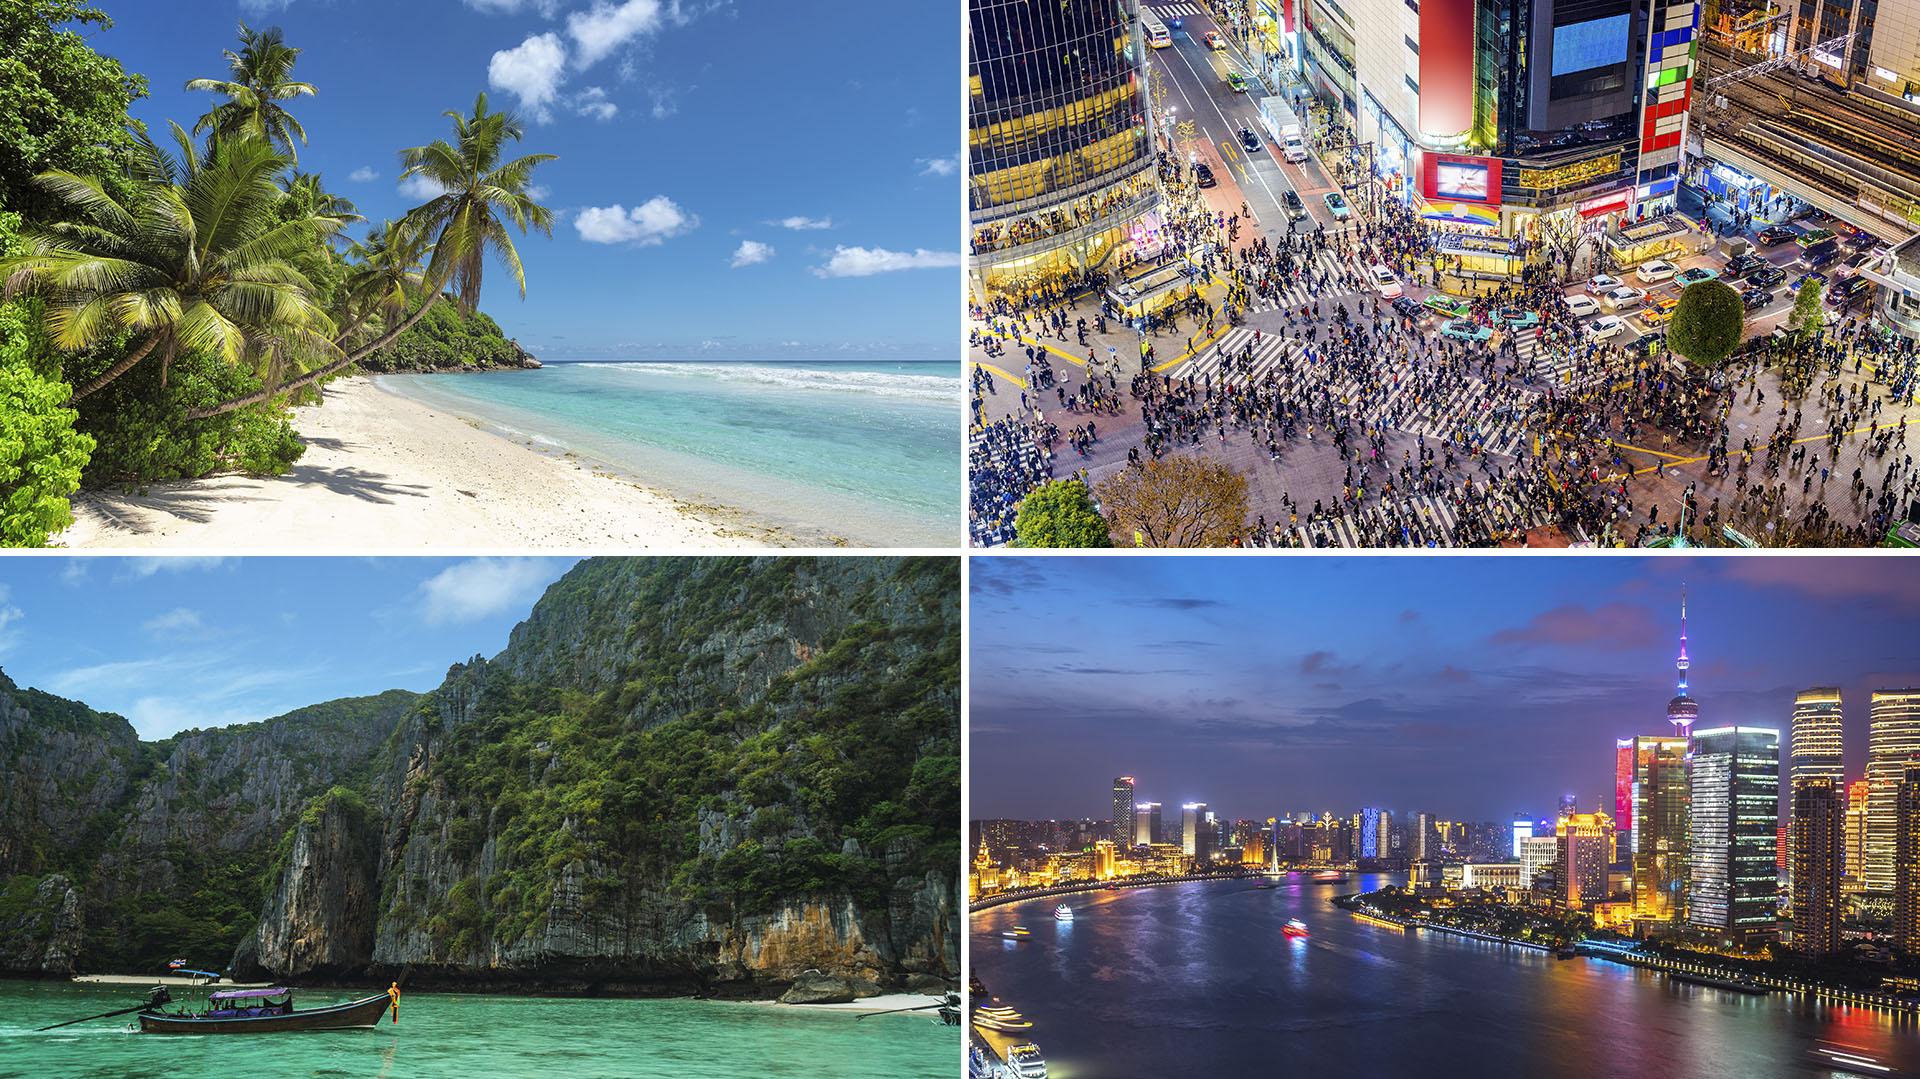 Desde playas paradisíacas hasta mega ciudades con características únicas en el mundo.